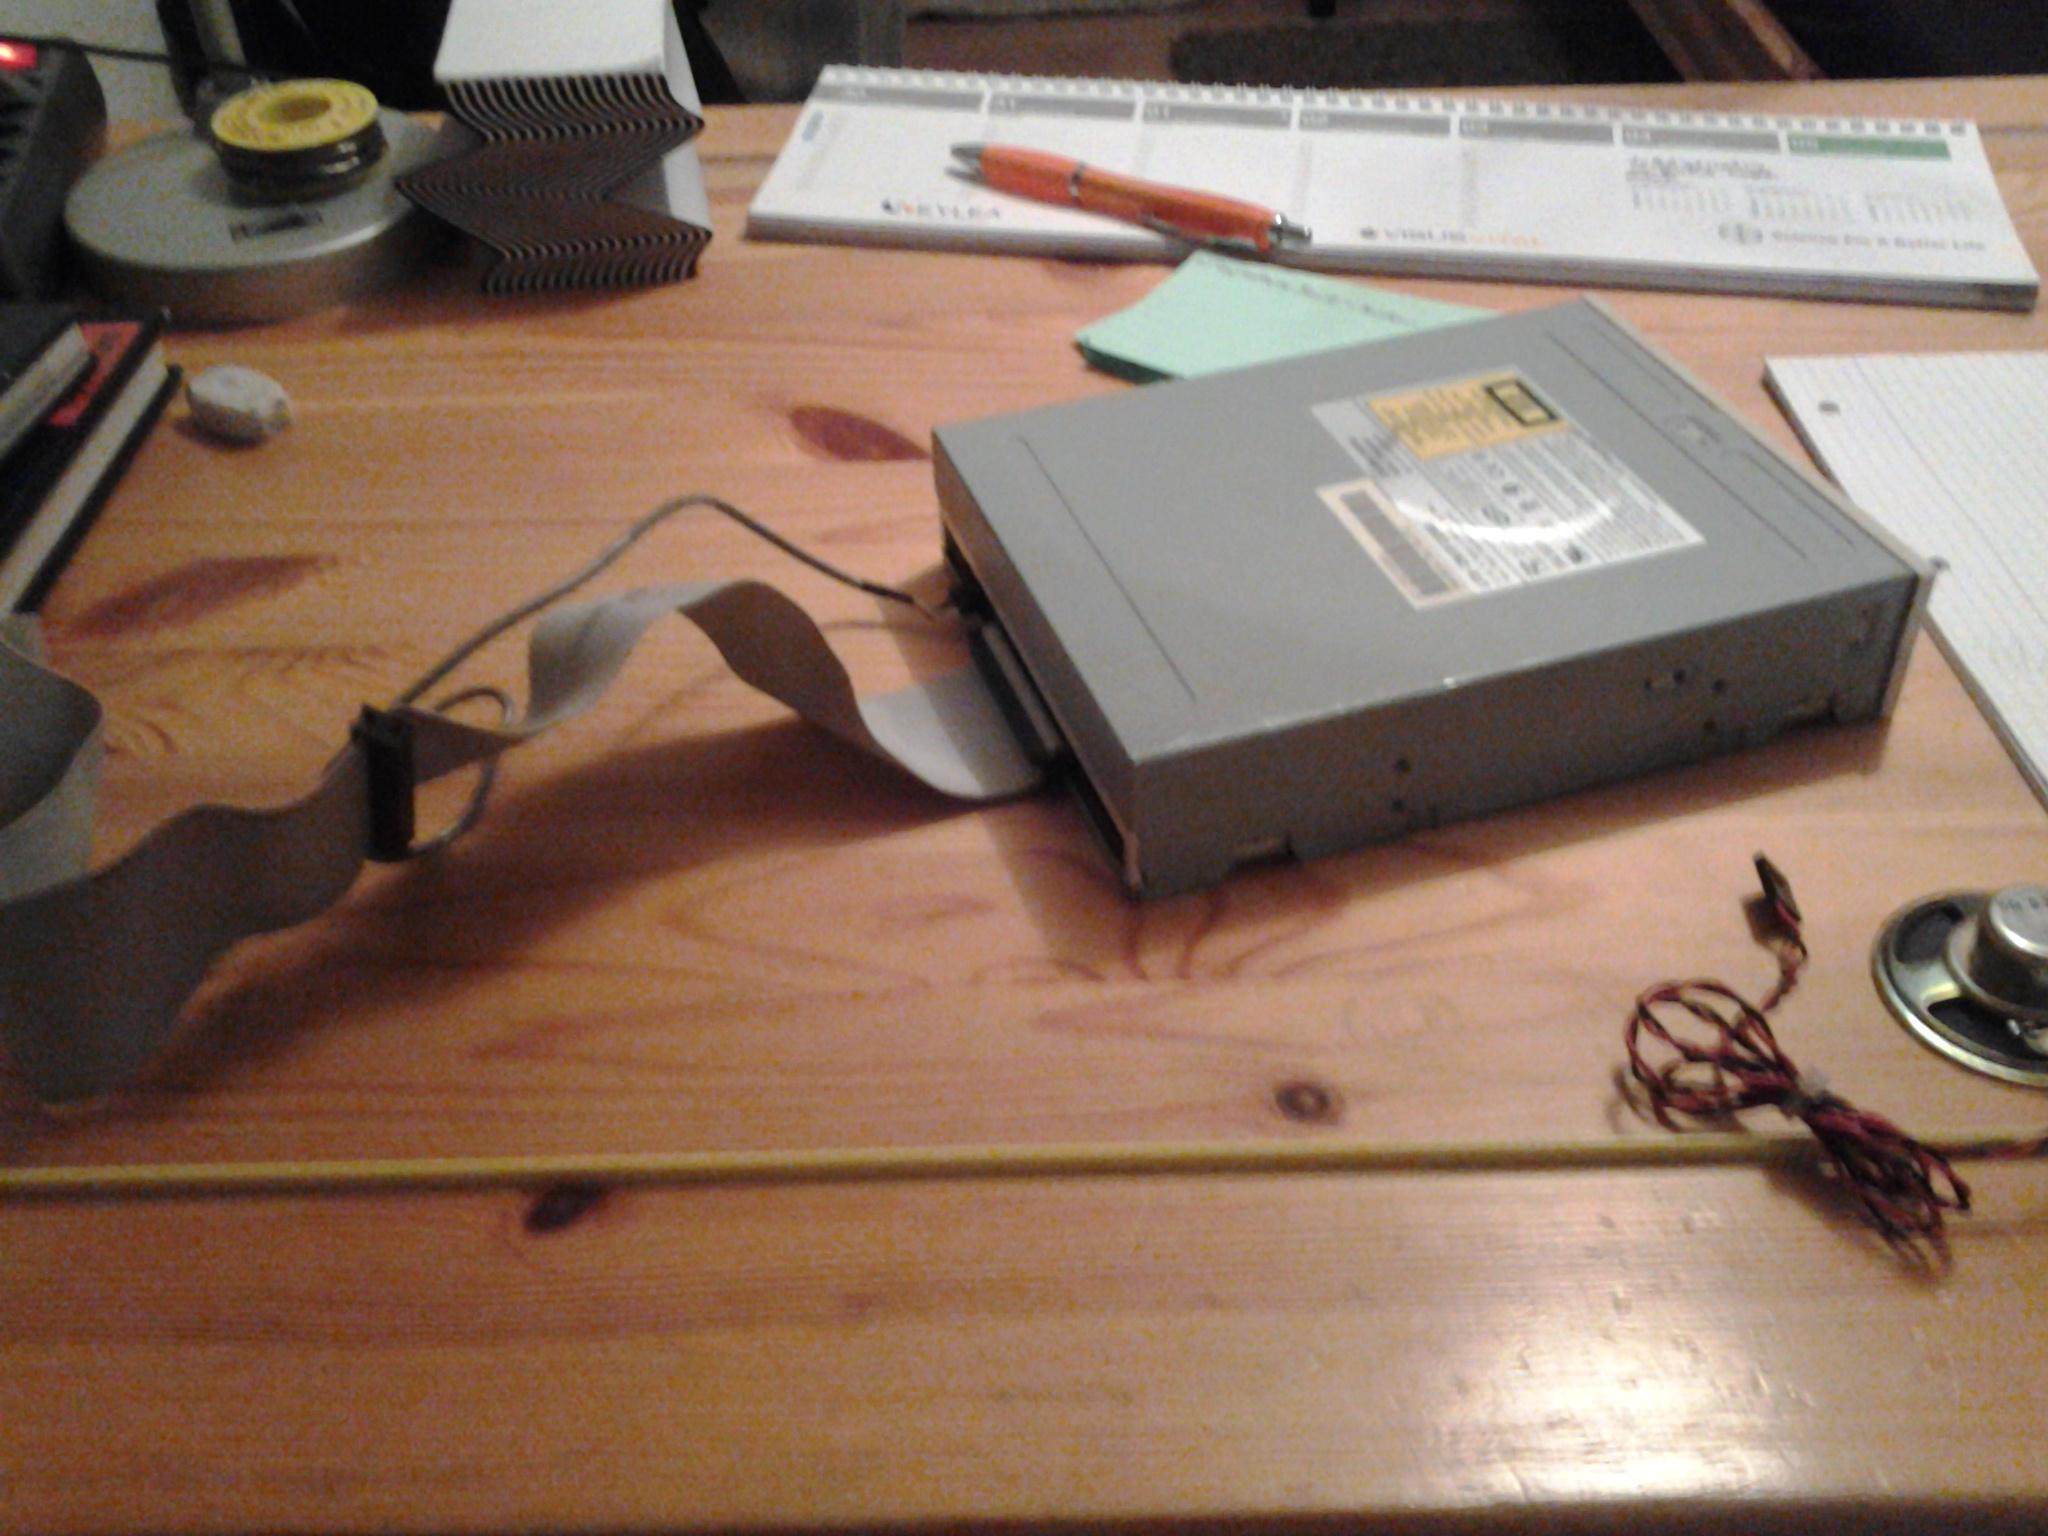 ich suche einen schaltplan f r ein cd player technik cd. Black Bedroom Furniture Sets. Home Design Ideas